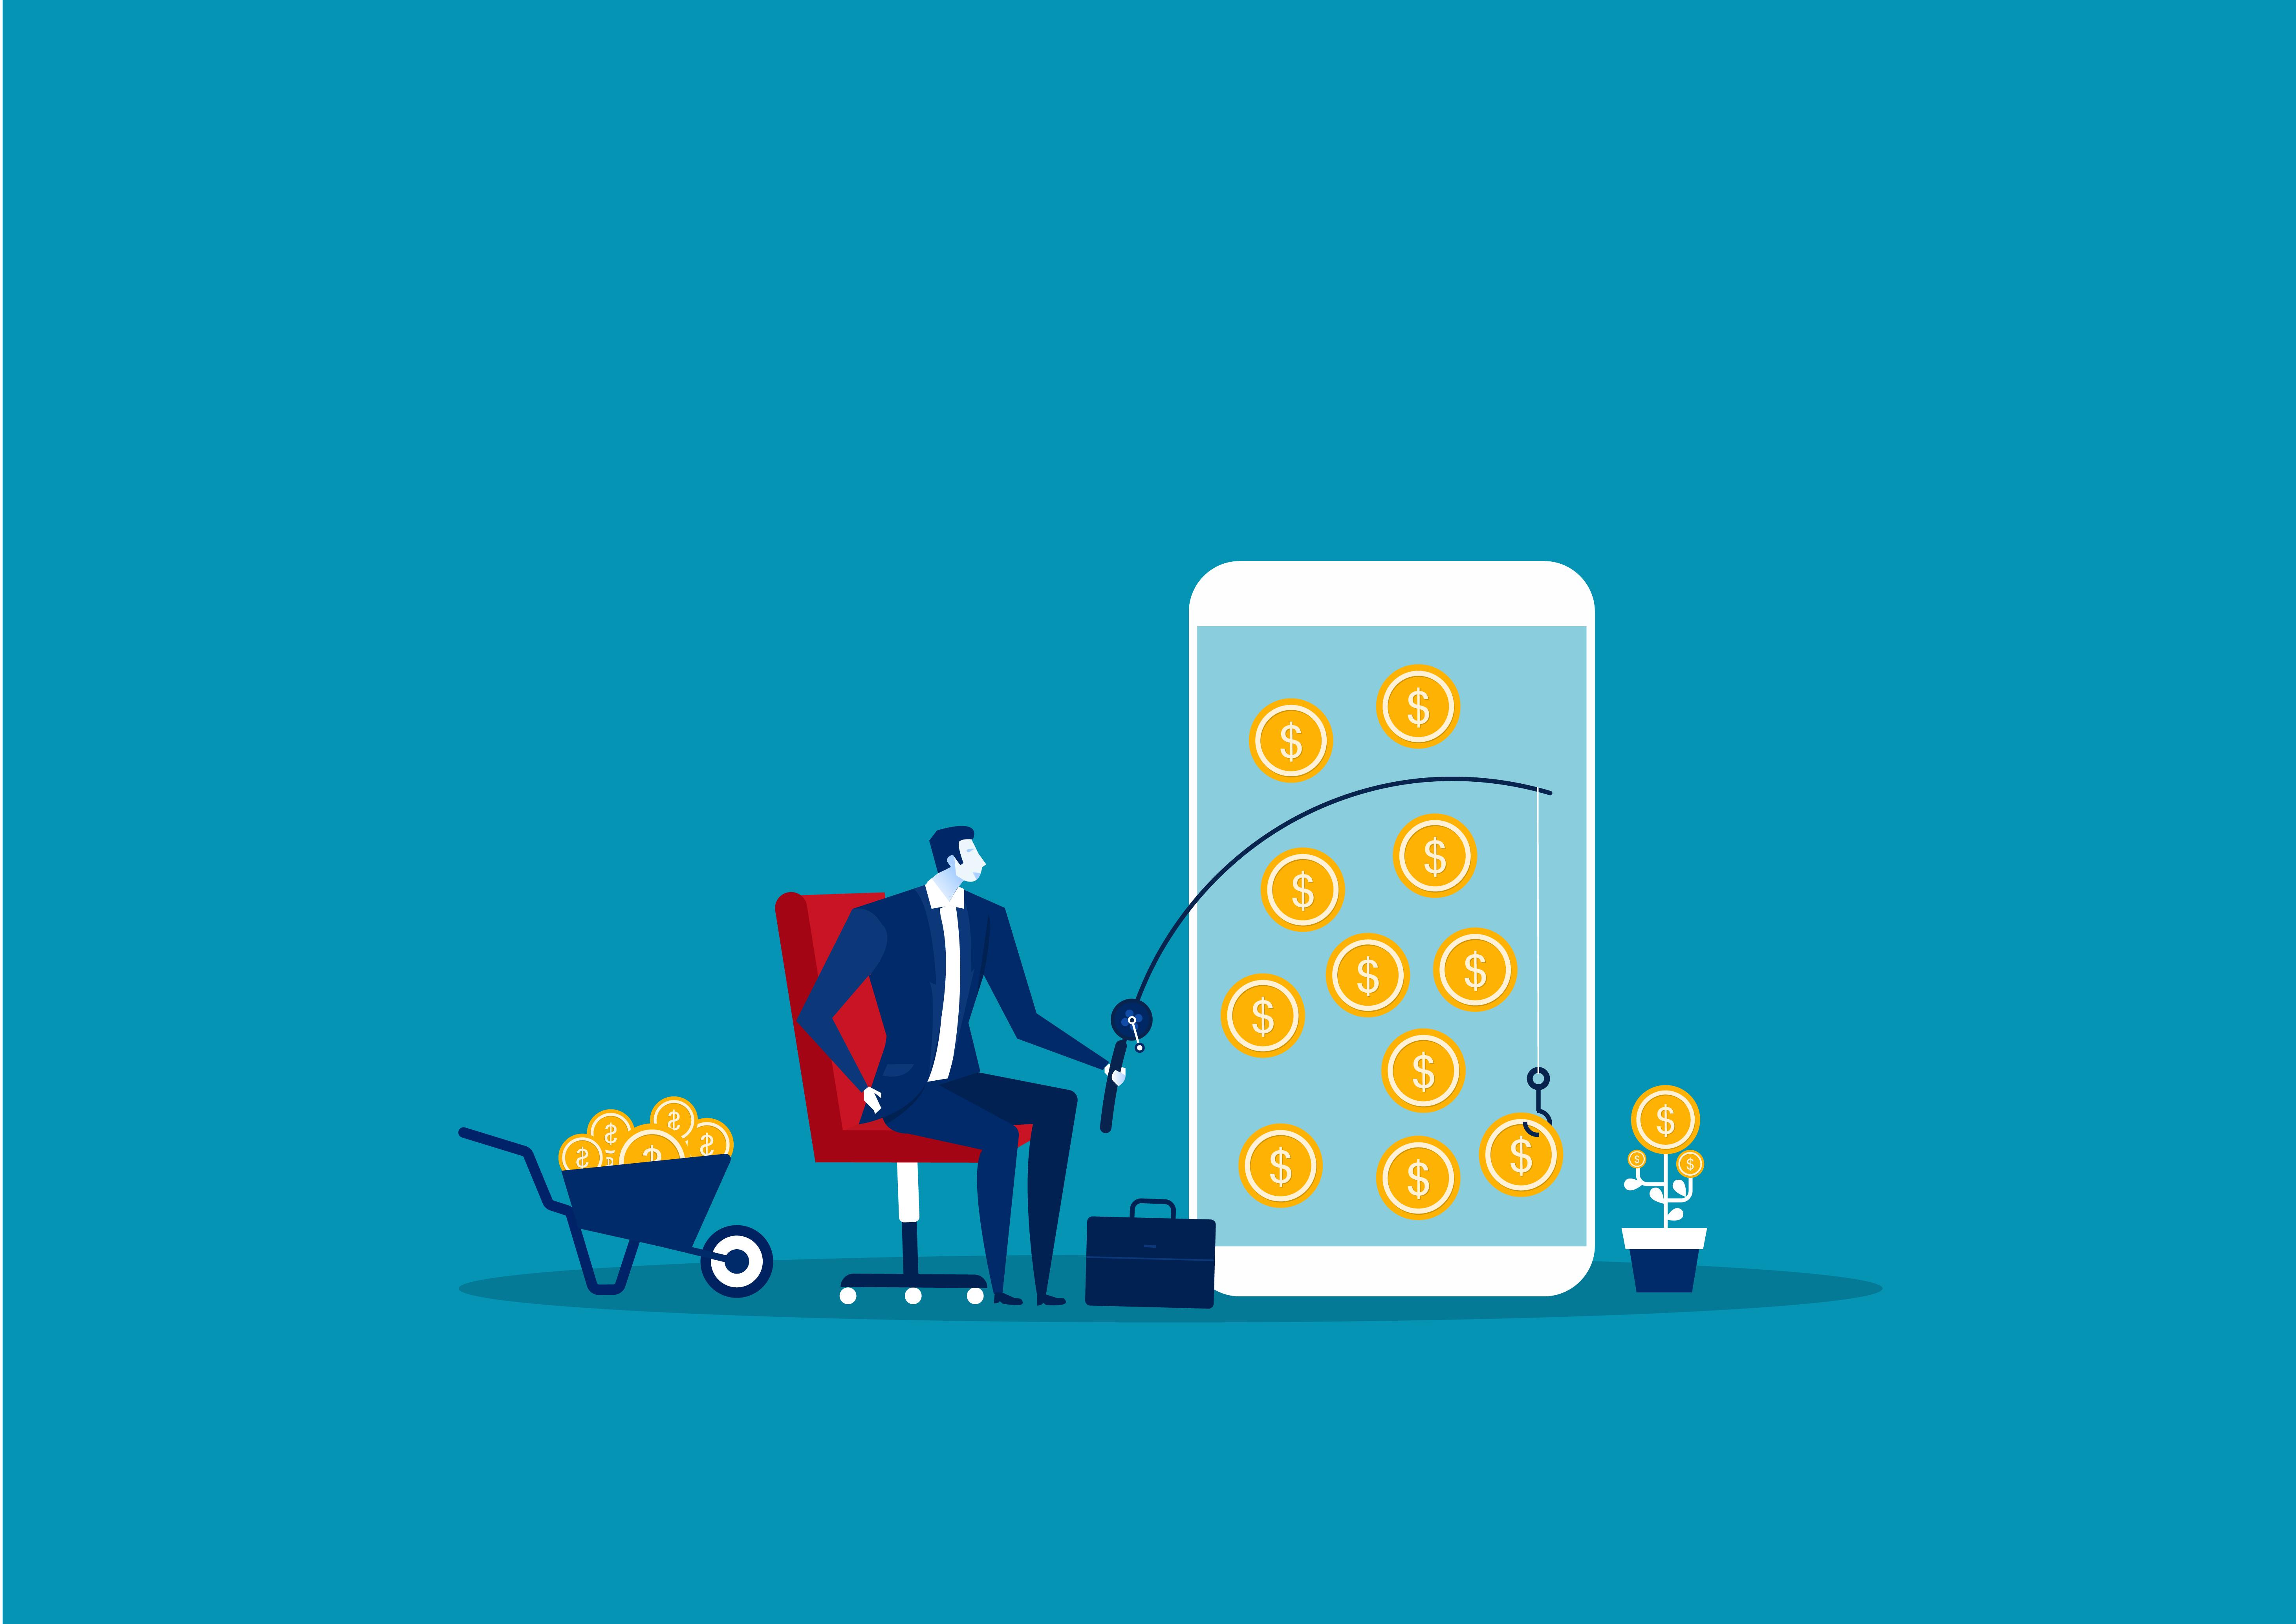 empresário pescando dinheiro no smartphone